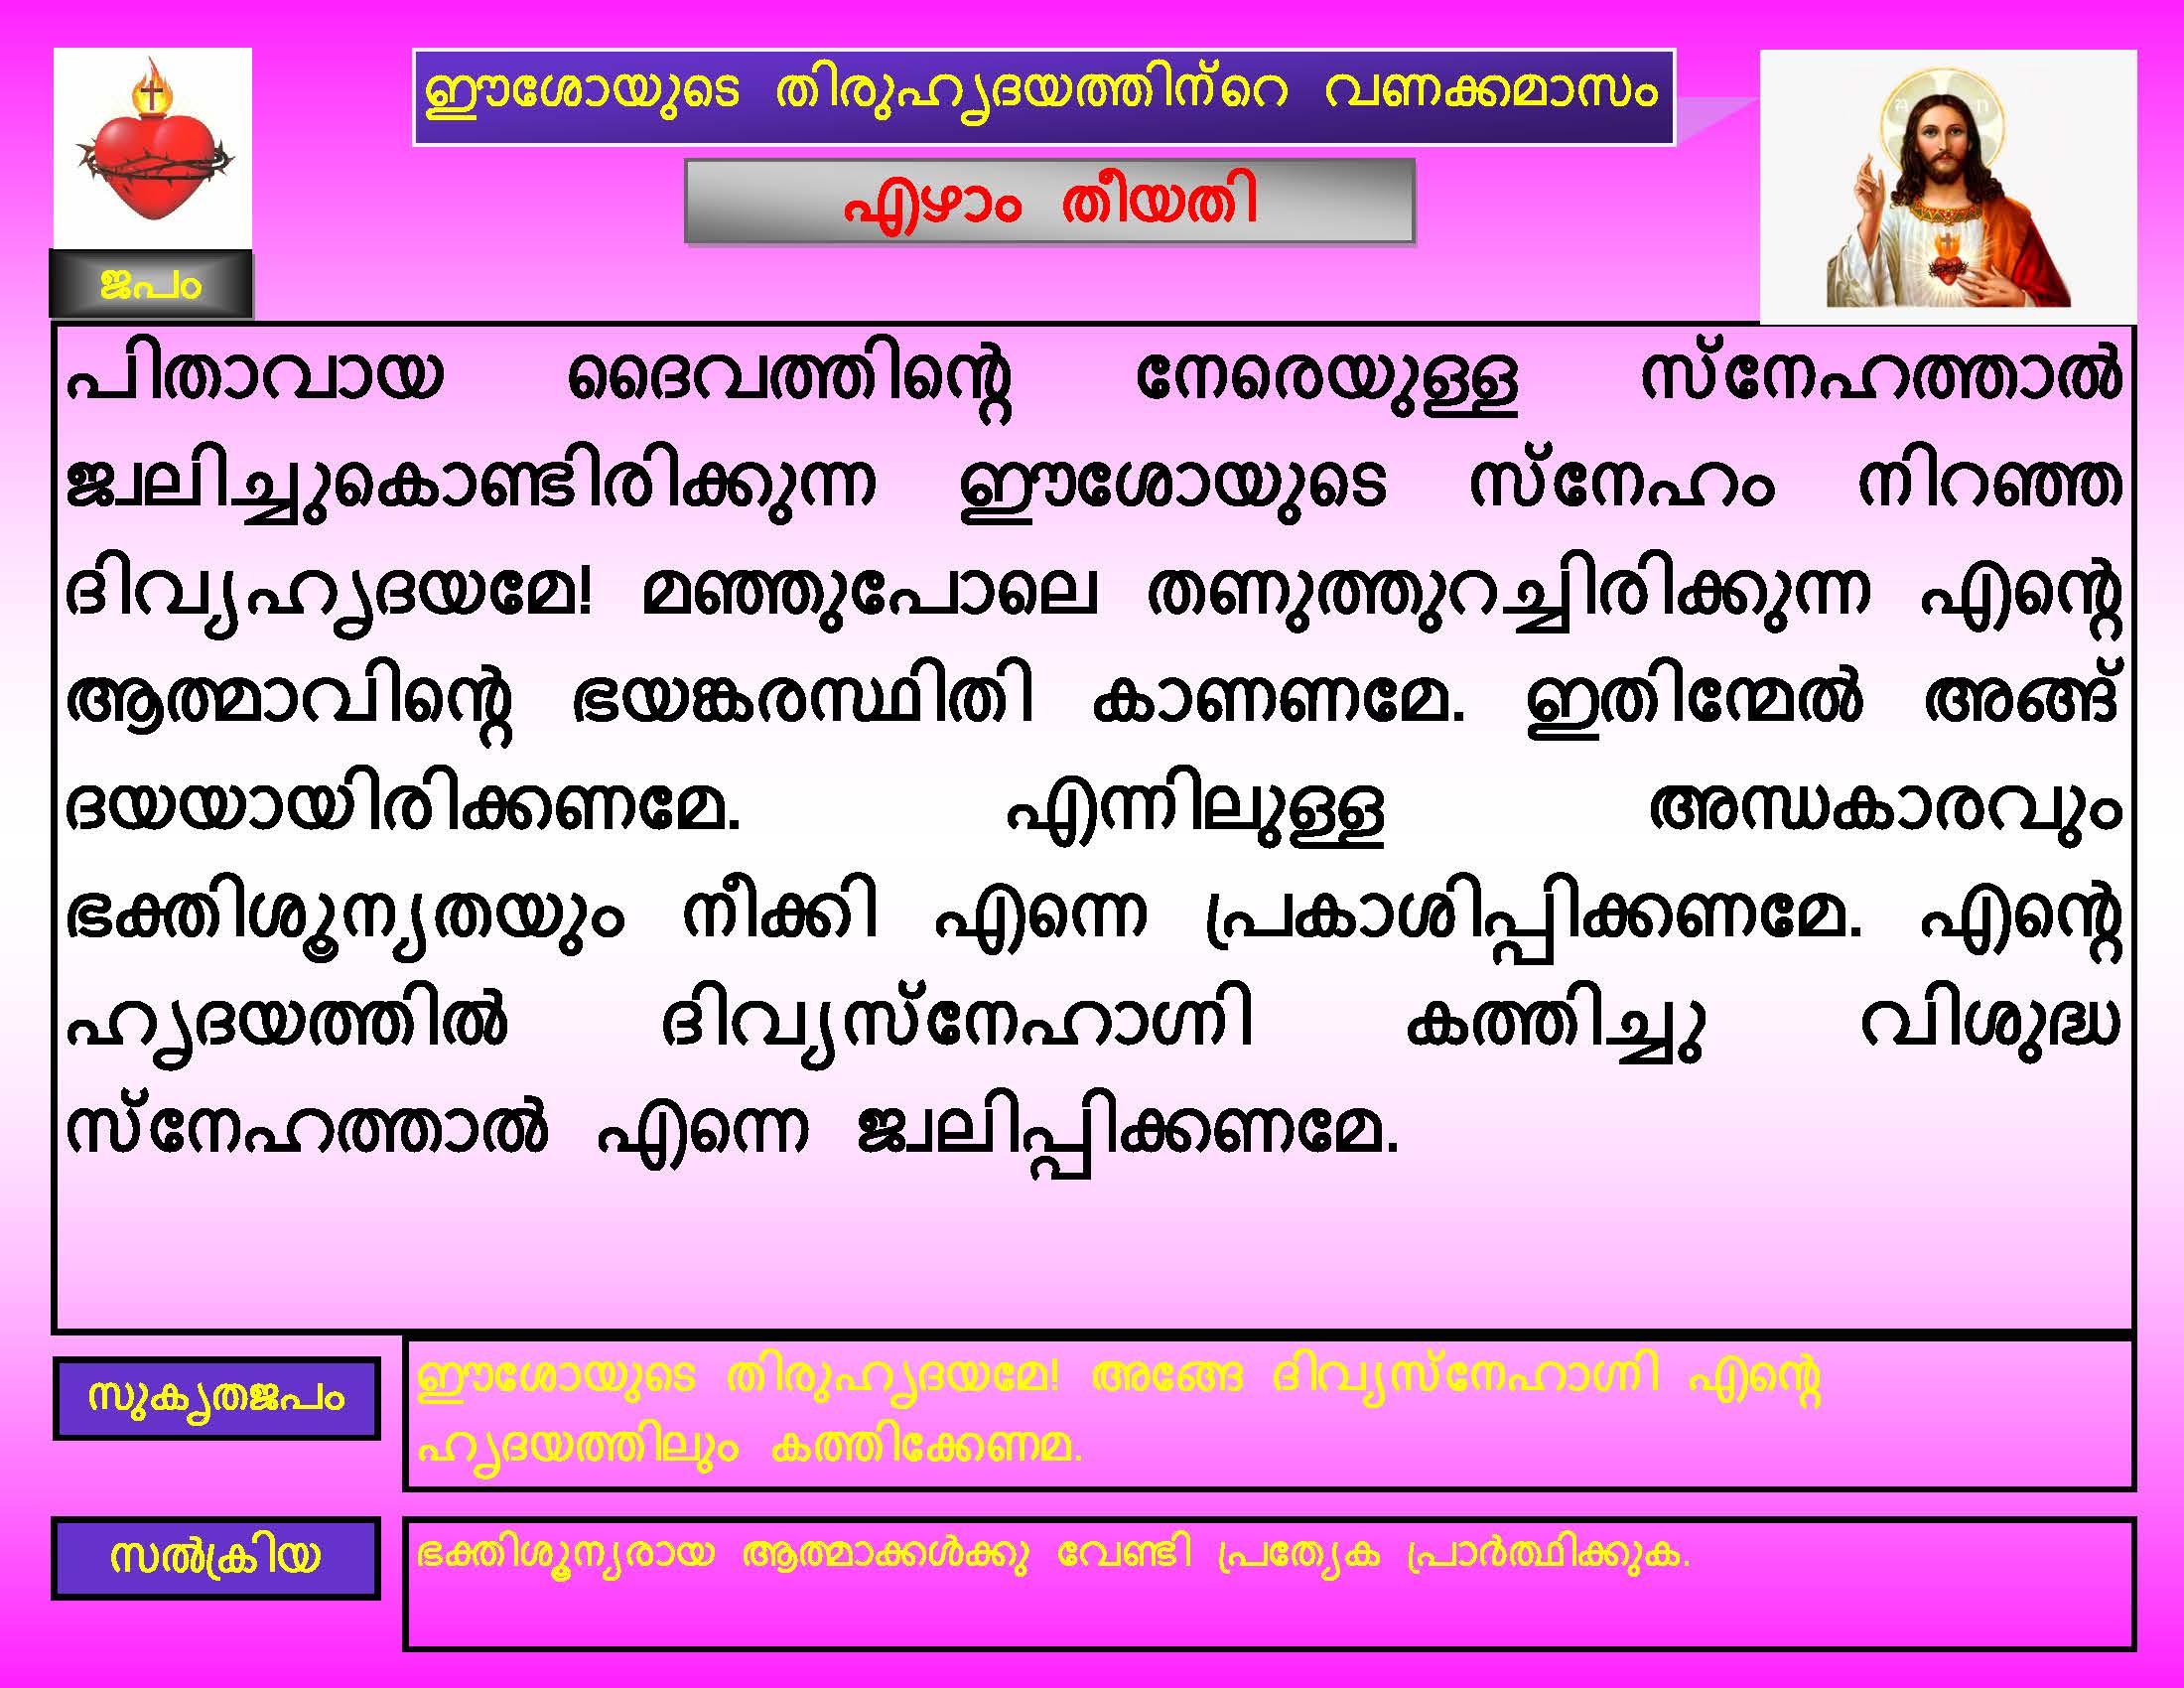 Thiruhrudaya Vanakkamasam - Day 7